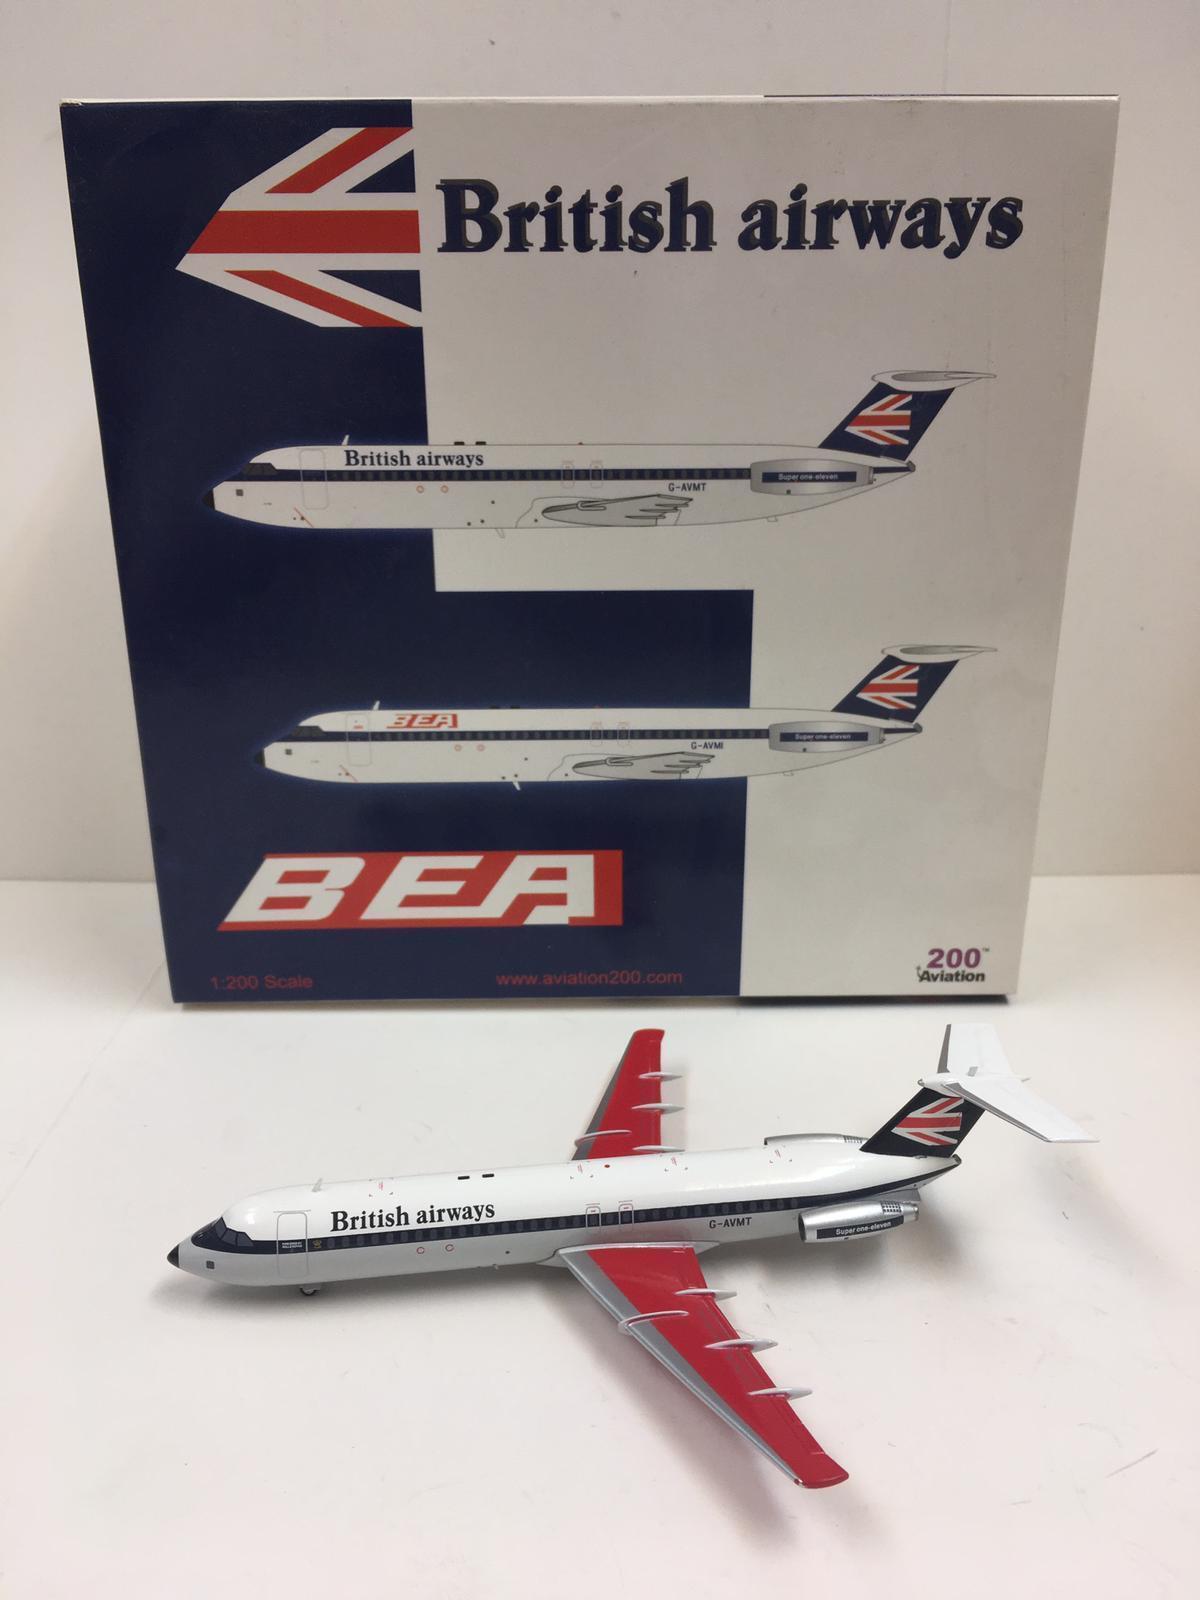 Aviation 200 British Airways BAC 111-510ED One-Eleven 1 200 G-AVMT